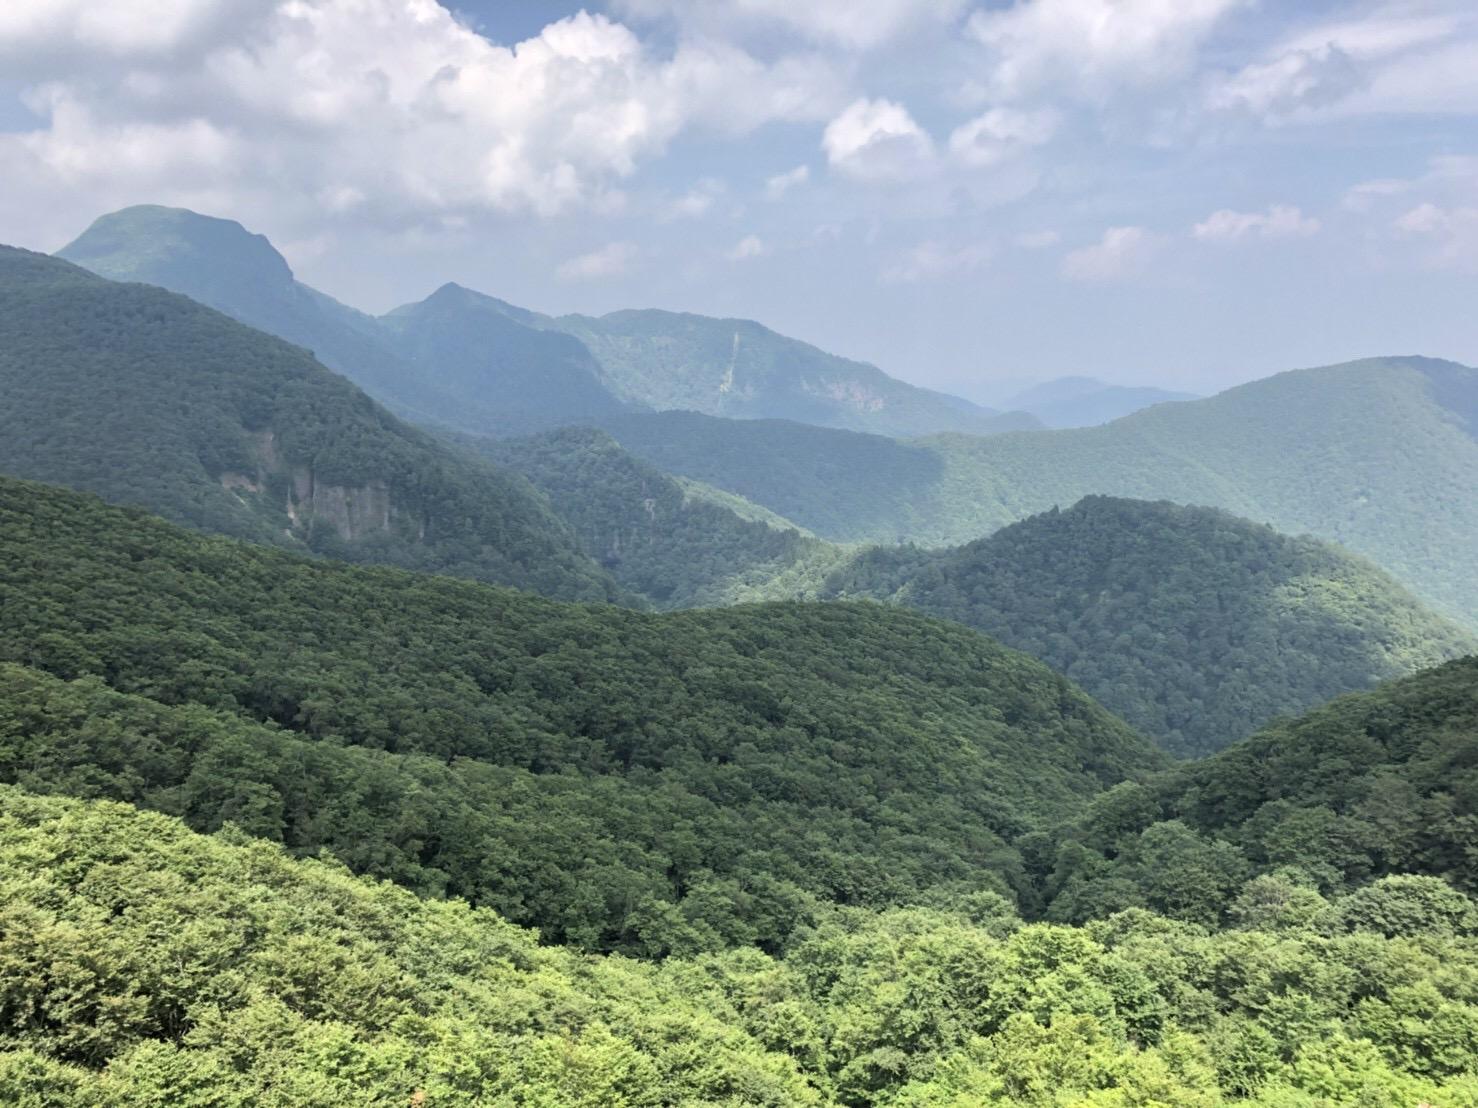 山形神室岳 山形百名山 ハマグリ山